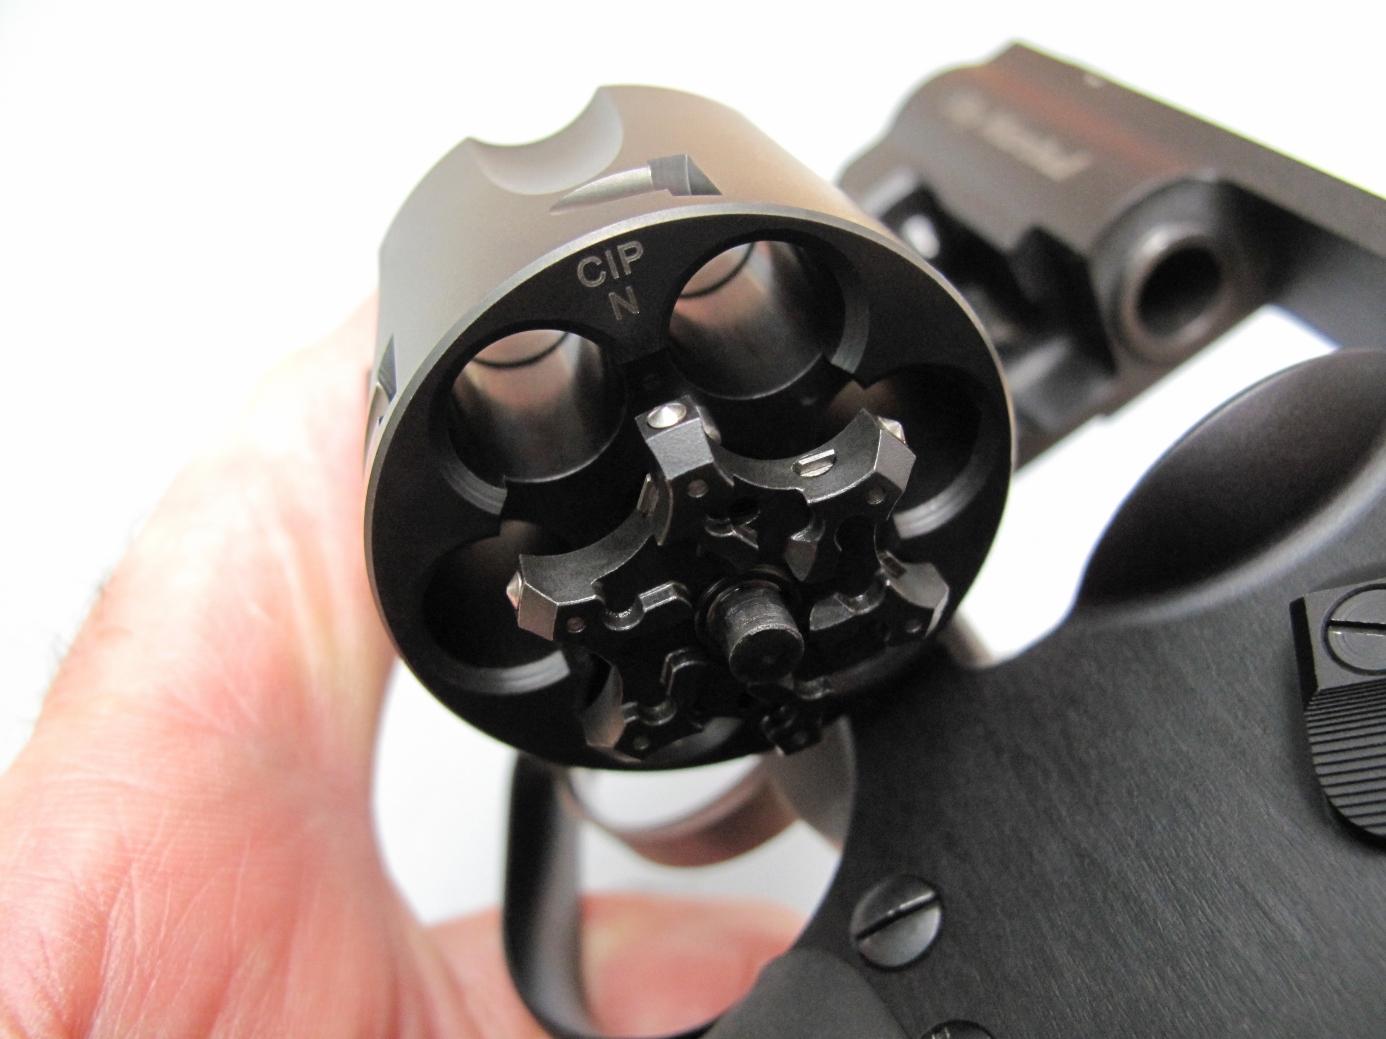 Les ergots qui permettent d'agripper la gorge des cartouches de calibre 9 mm Parabellum font automatiquement saillie dès que l'étoile de l'extracteur collectif sort de son logement.